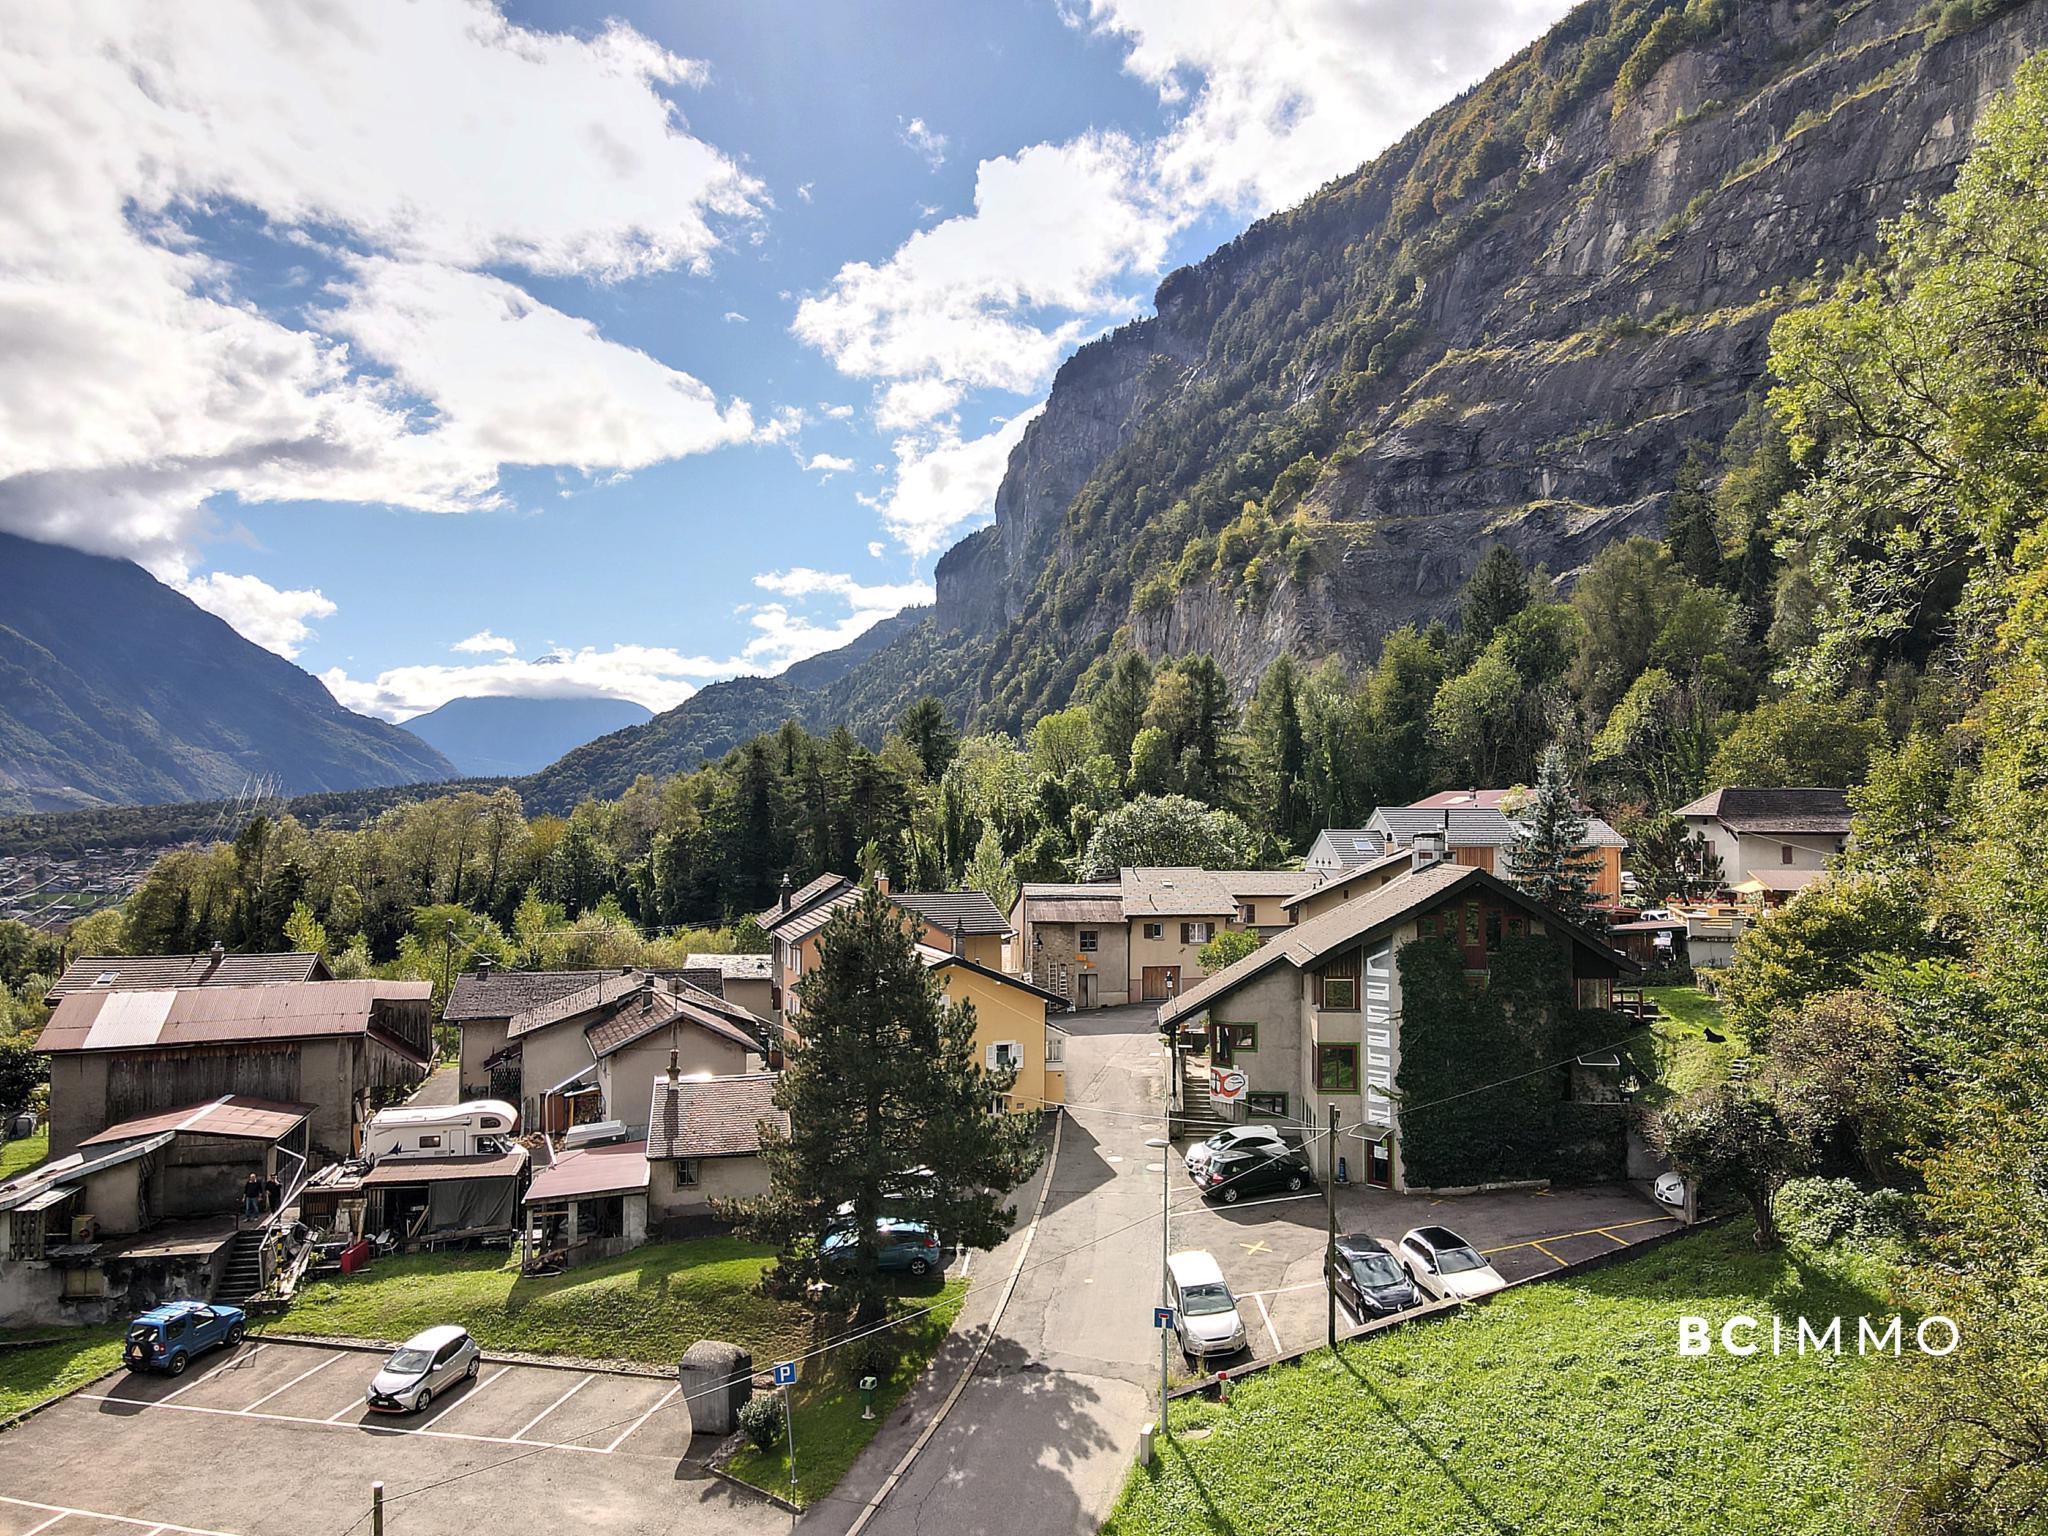 BC Immo - Charmante bâtisse de 7 pièces comportant une surface commerciale et un appartement de 4.5 pièces en duplex - LD1890CA